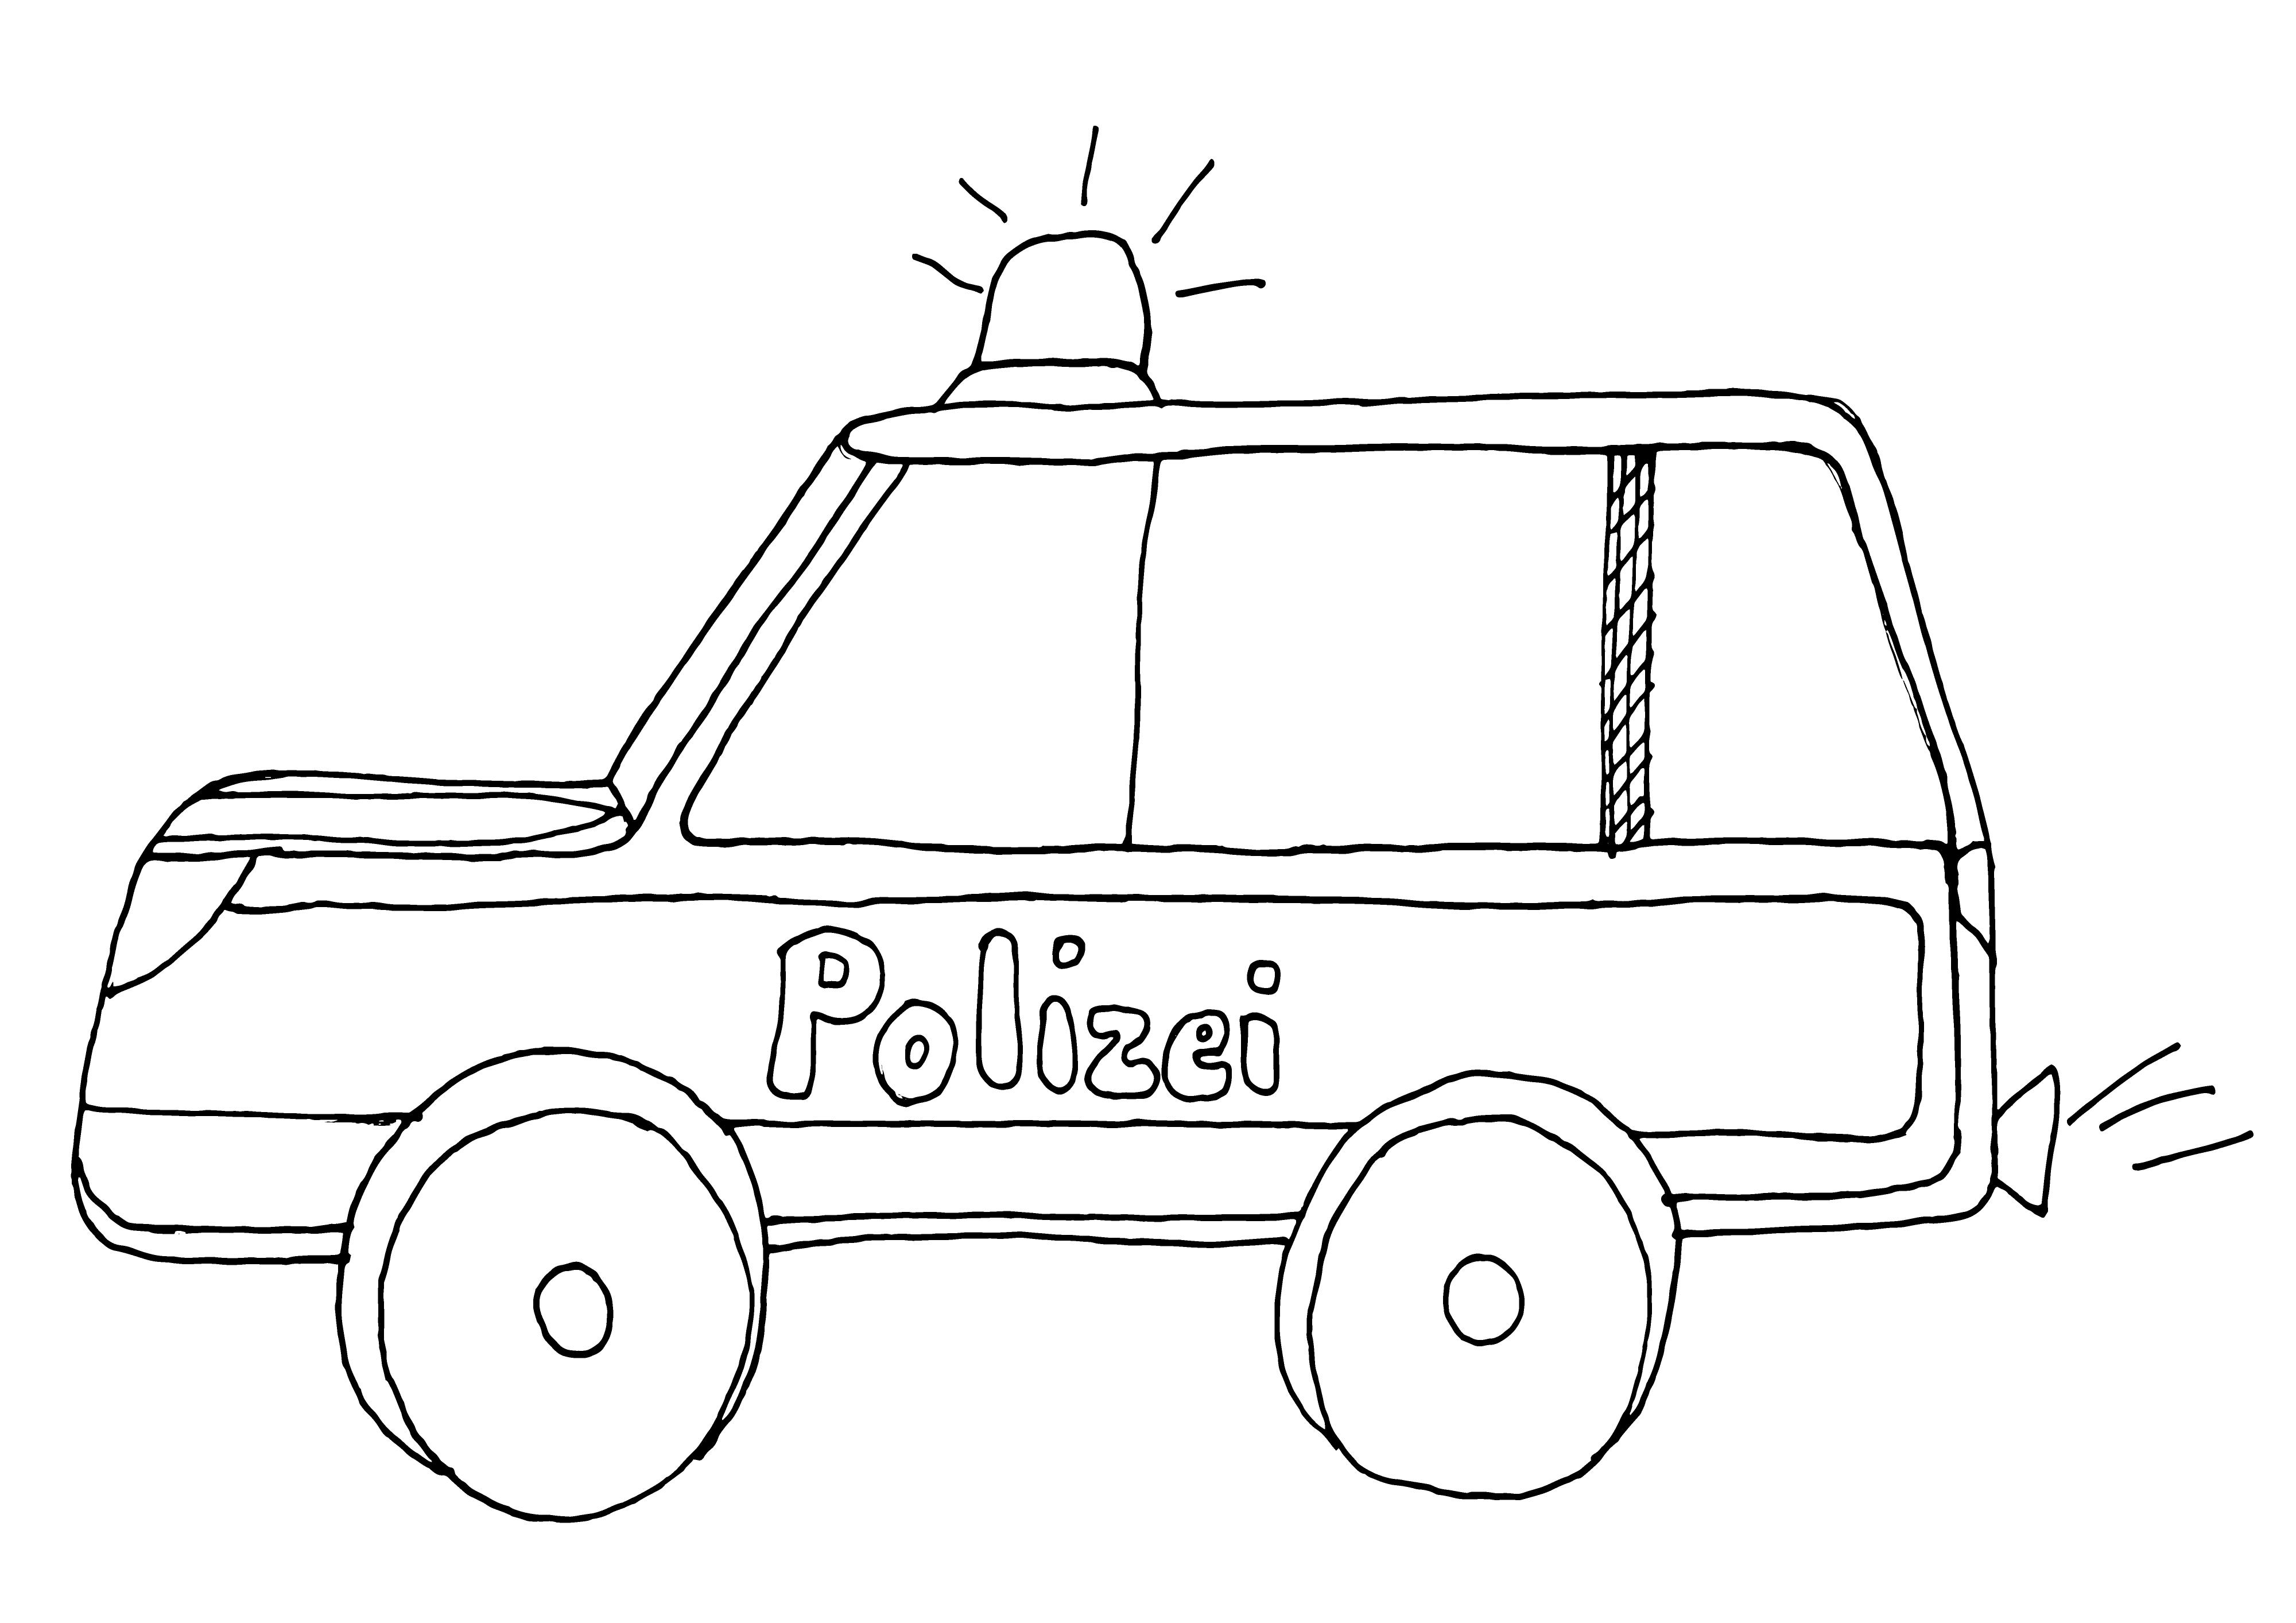 Polizeiauto Mit Blaulicht Ausmalbild | Ausmalbilder | Pinterest ...